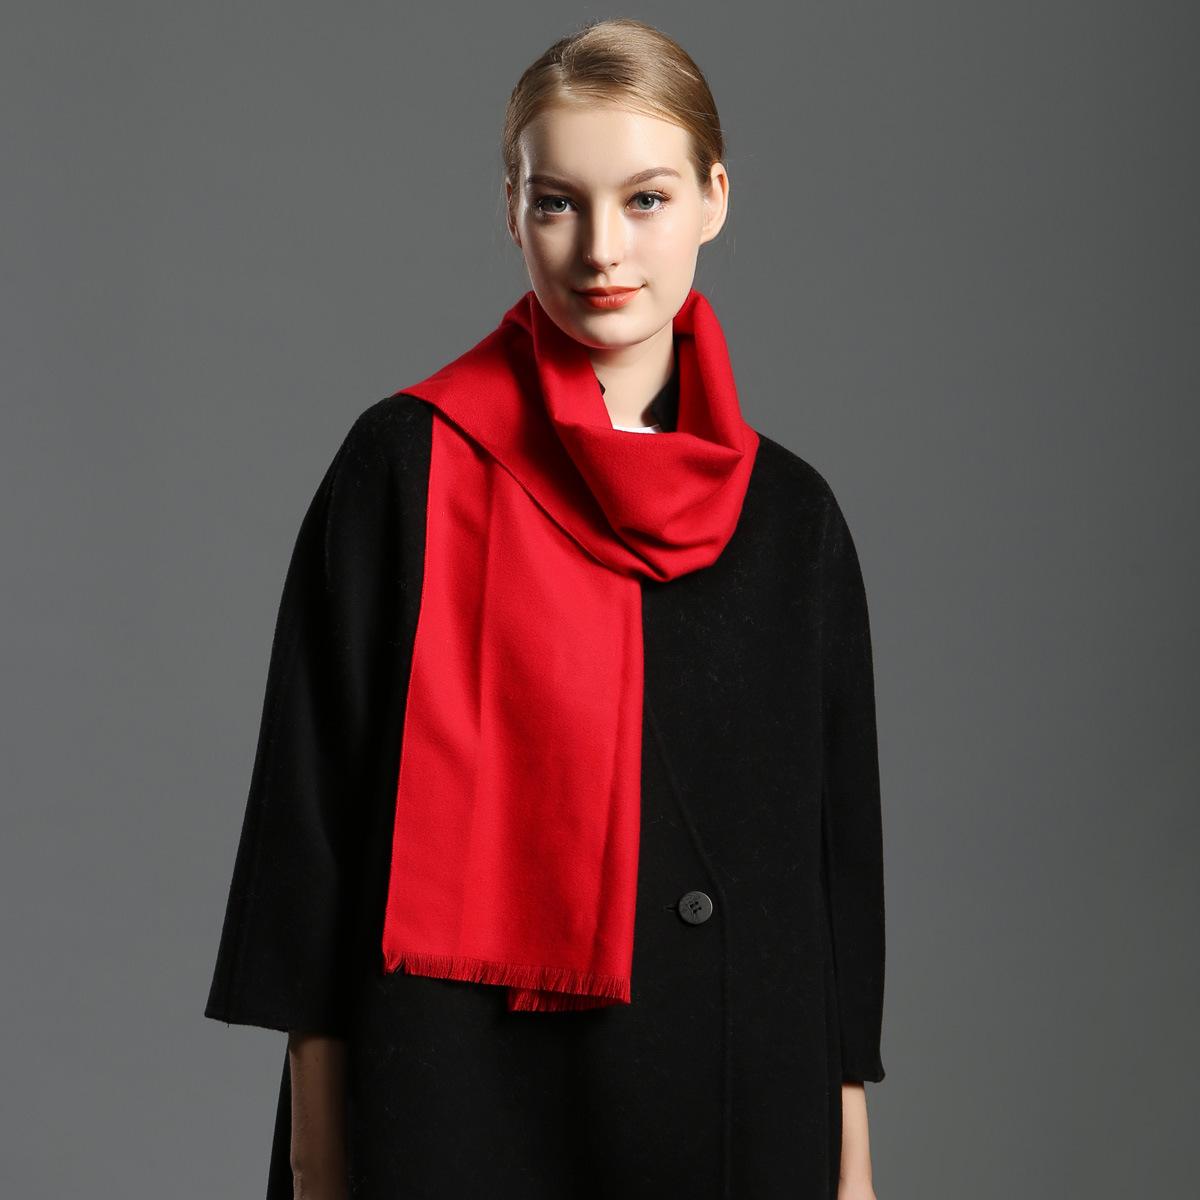 年会围巾 女士秋冬季韩版长款围巾女 披肩 商务男士加厚保暖围脖